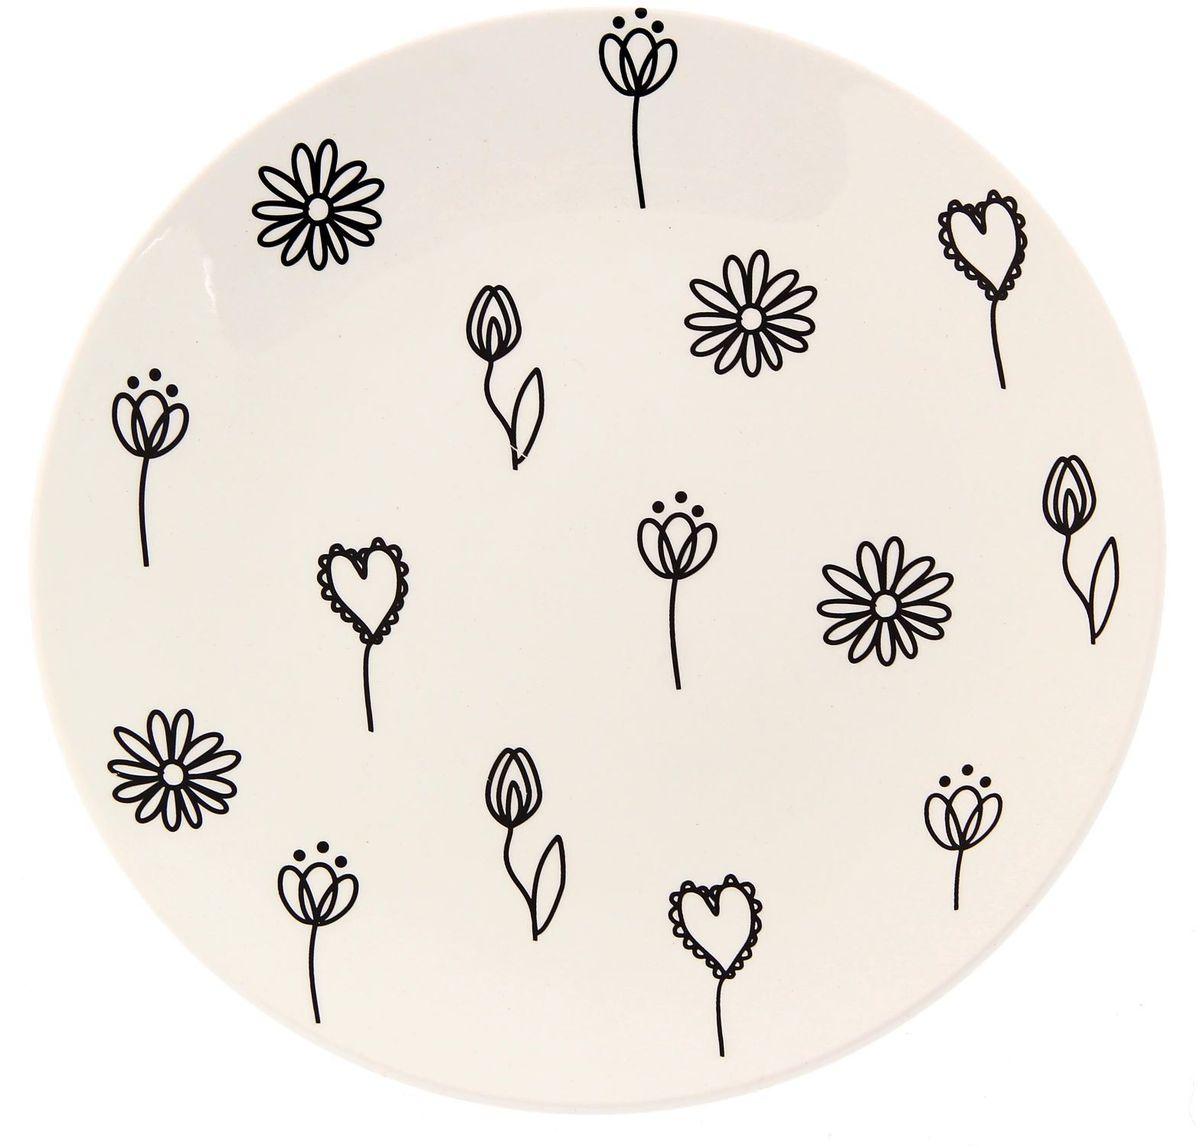 Тарелка Сотвори чудо Черный цветок, диаметр 22 см2277897Хотите обновить интерьер кухни или гостиной? Устраиваете необычную фотосессию или тематический праздник? А может, просто ищете подарок для близкого человека? Посуда Сотвори Чудо — правильный выбор в любой ситуации. Тарелка Сотвори Чудо, изготовленная из изящного фаянса нежного сливочного цвета, оформлена оригинальным рисунком со стойкой краской. Пригодна для посудомоечной машины.